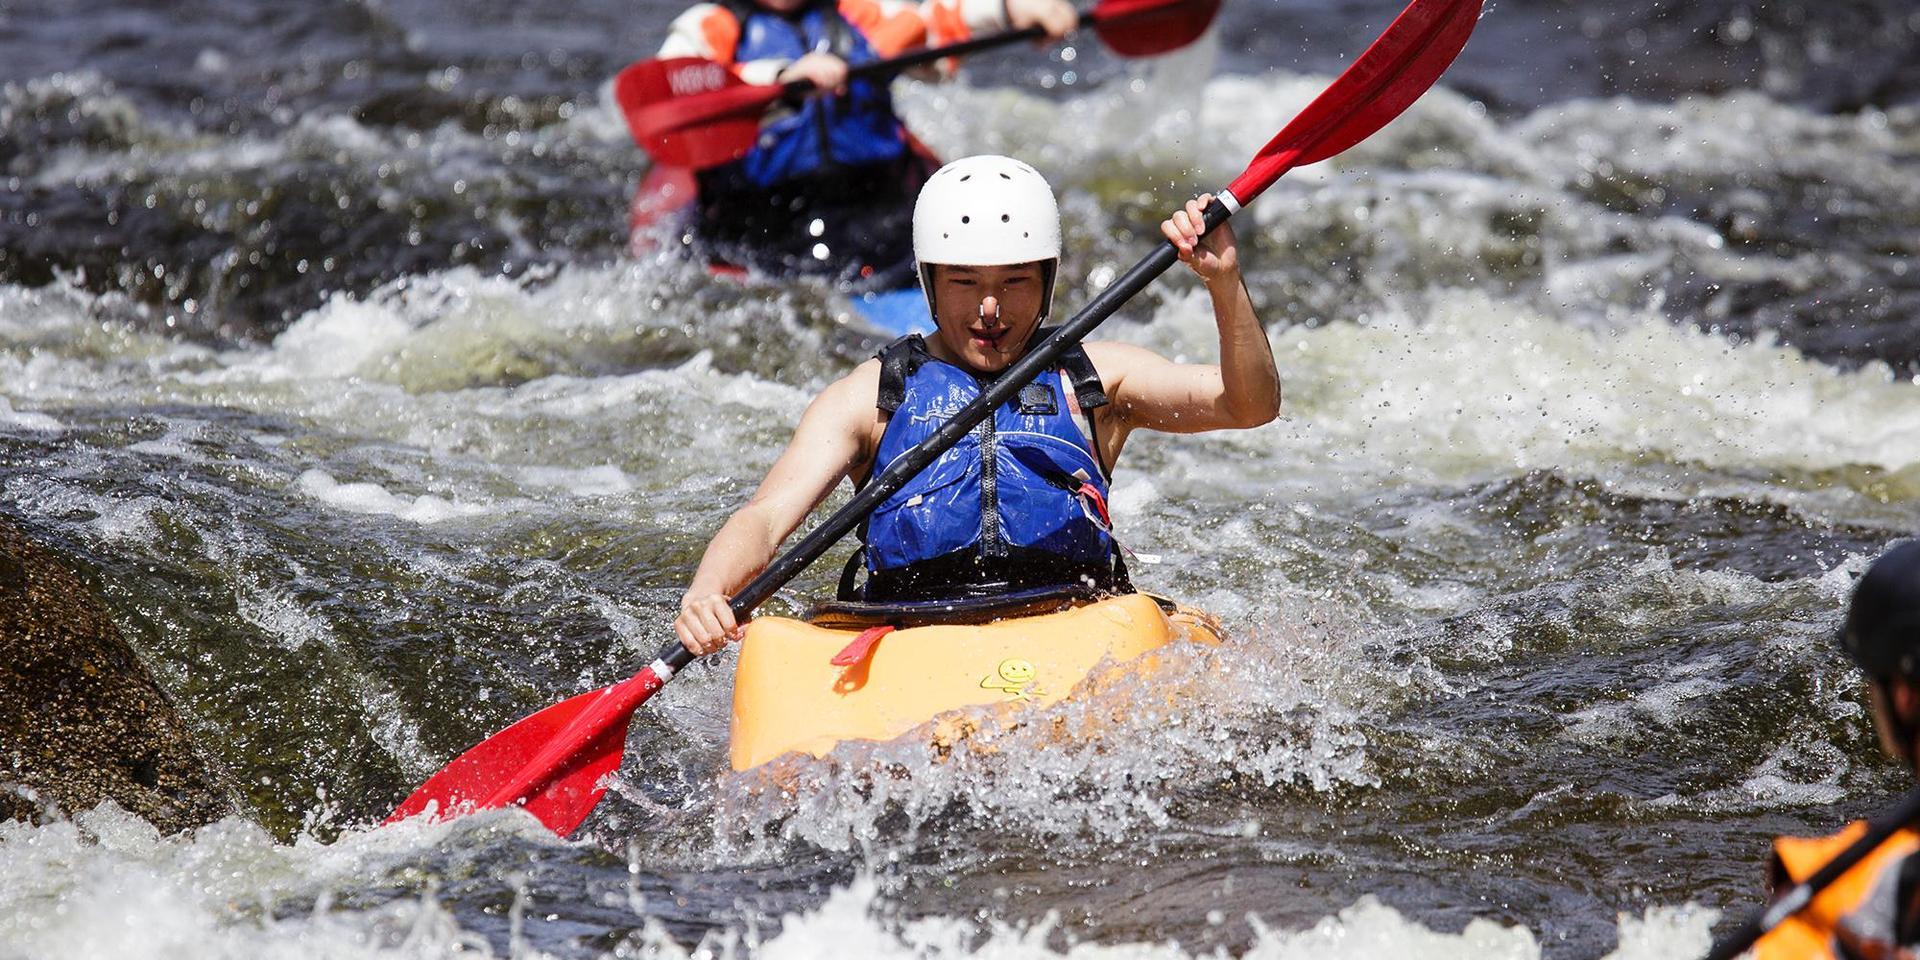 一个学生在激流中划皮艇.